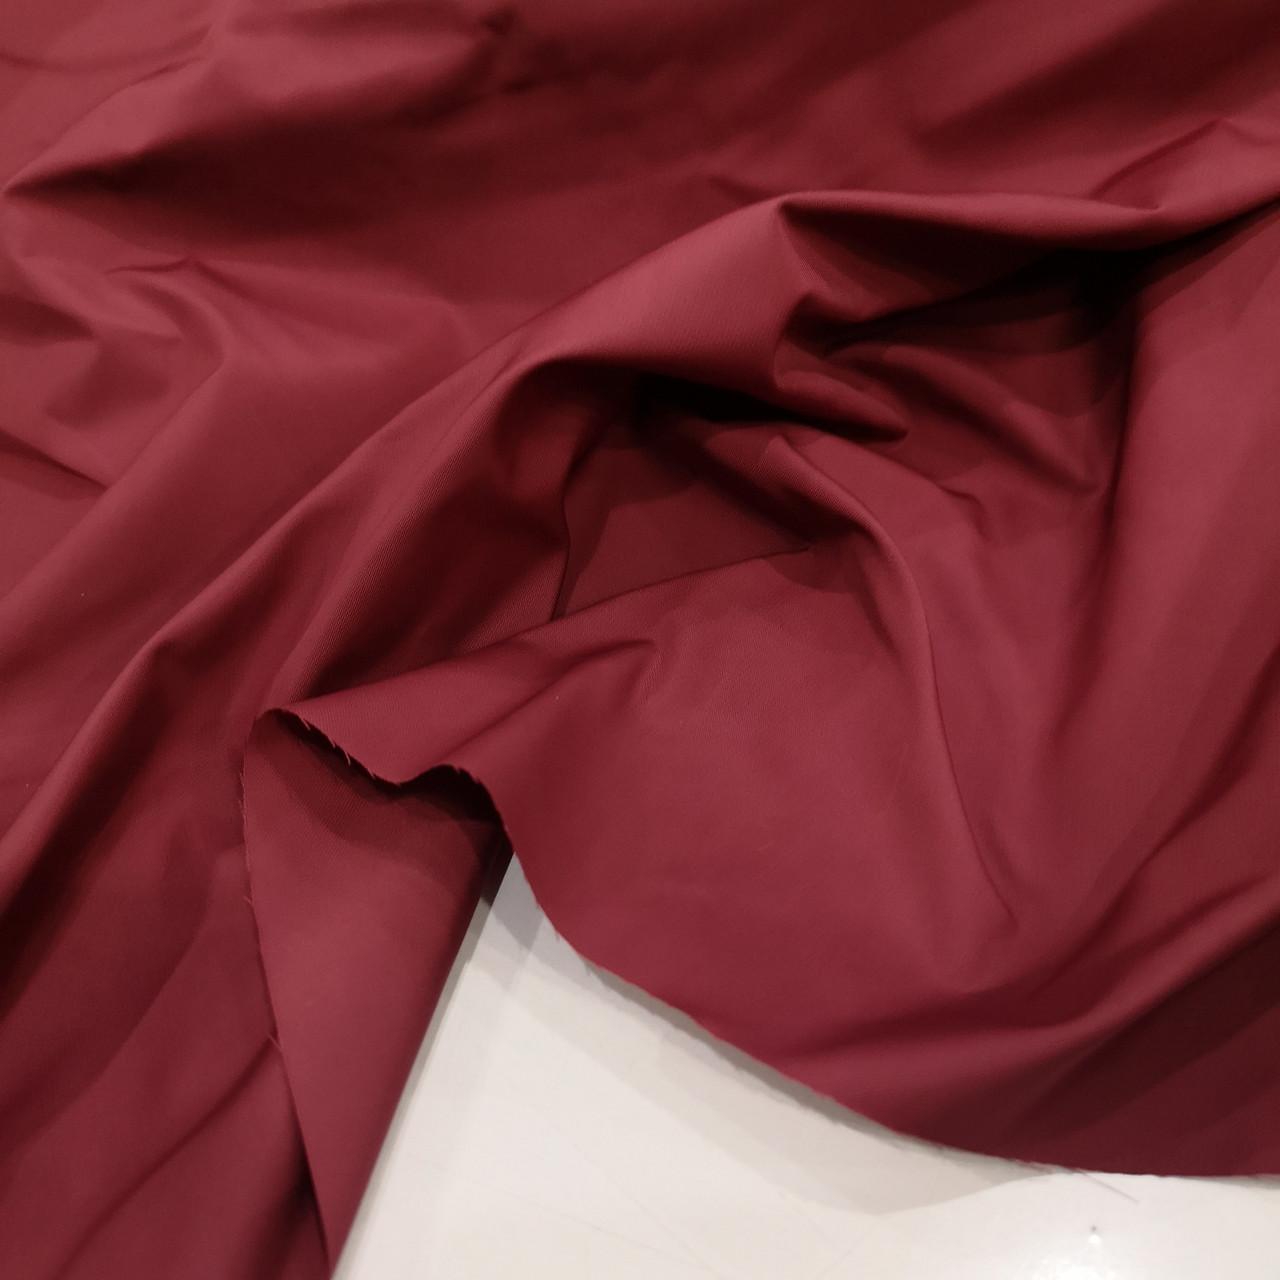 Плащевая ткань канада бордовая